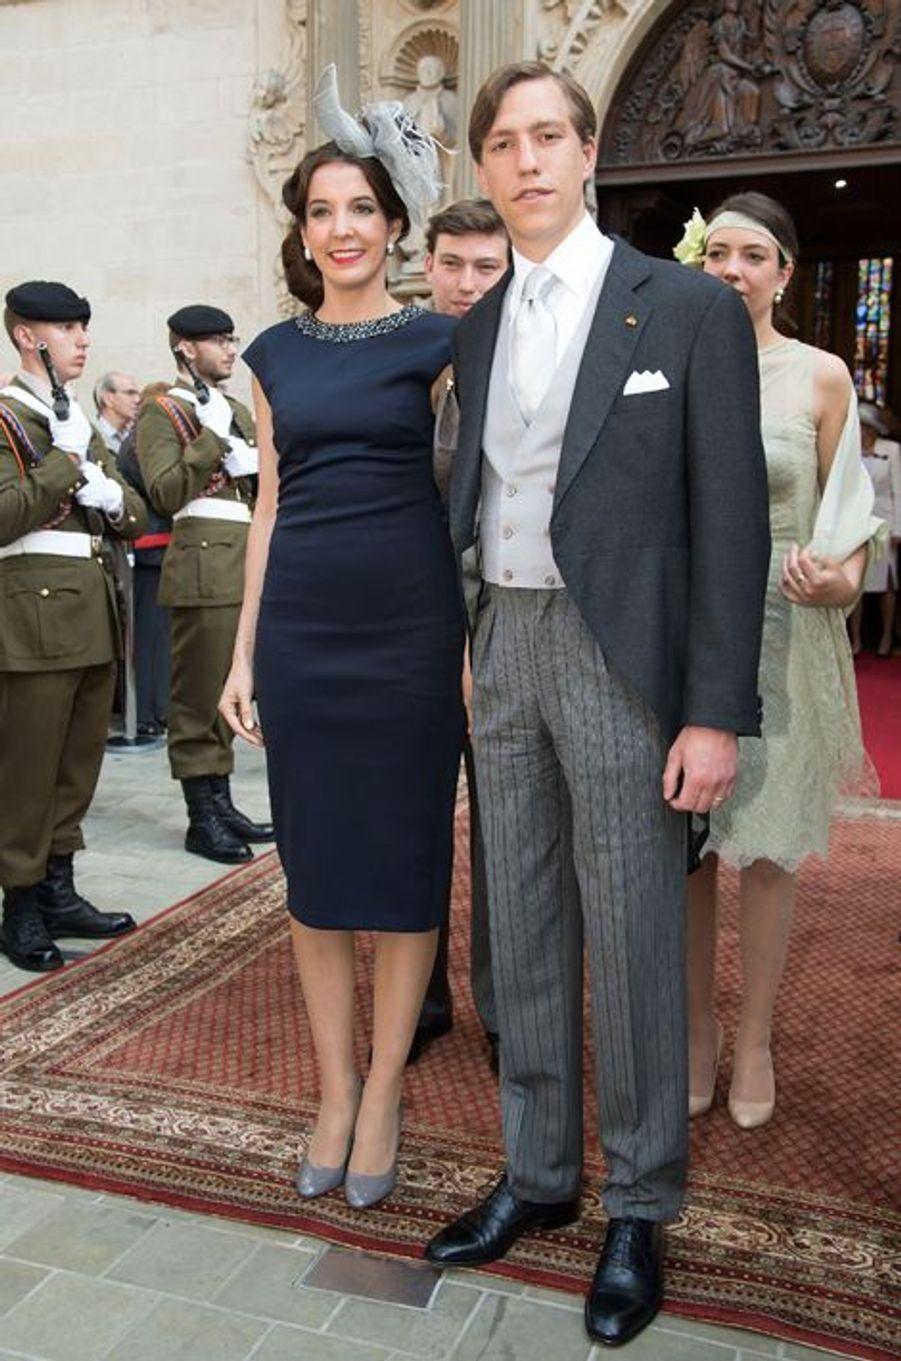 La princesse Tessy et le prince Louis à Luxembourg, le 23 juin 2015